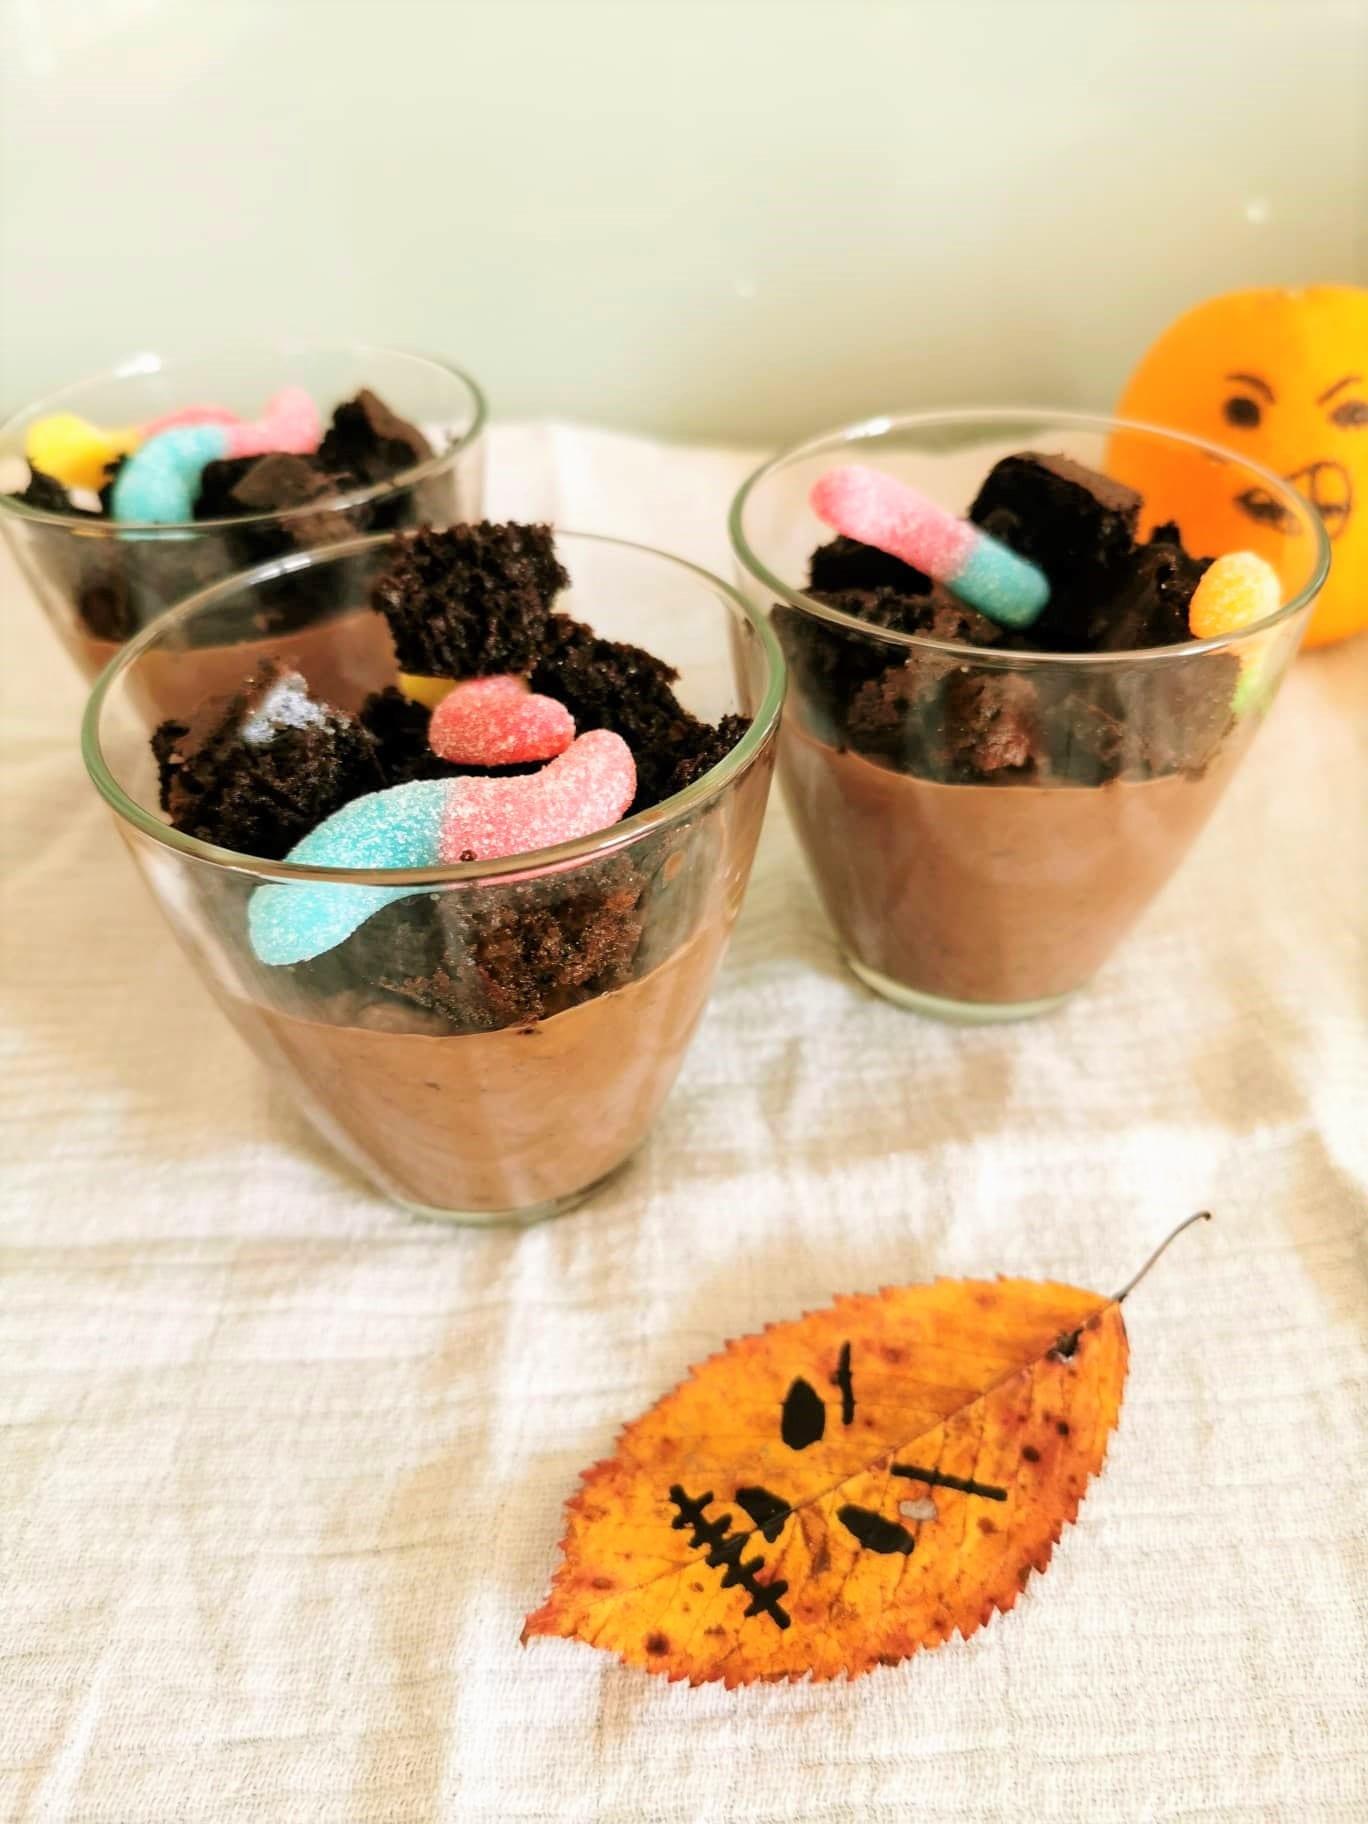 So Wird Die Halloween Party Der Kracher Ideen Zu Deko Essen Und Kostumen Puddingklecks